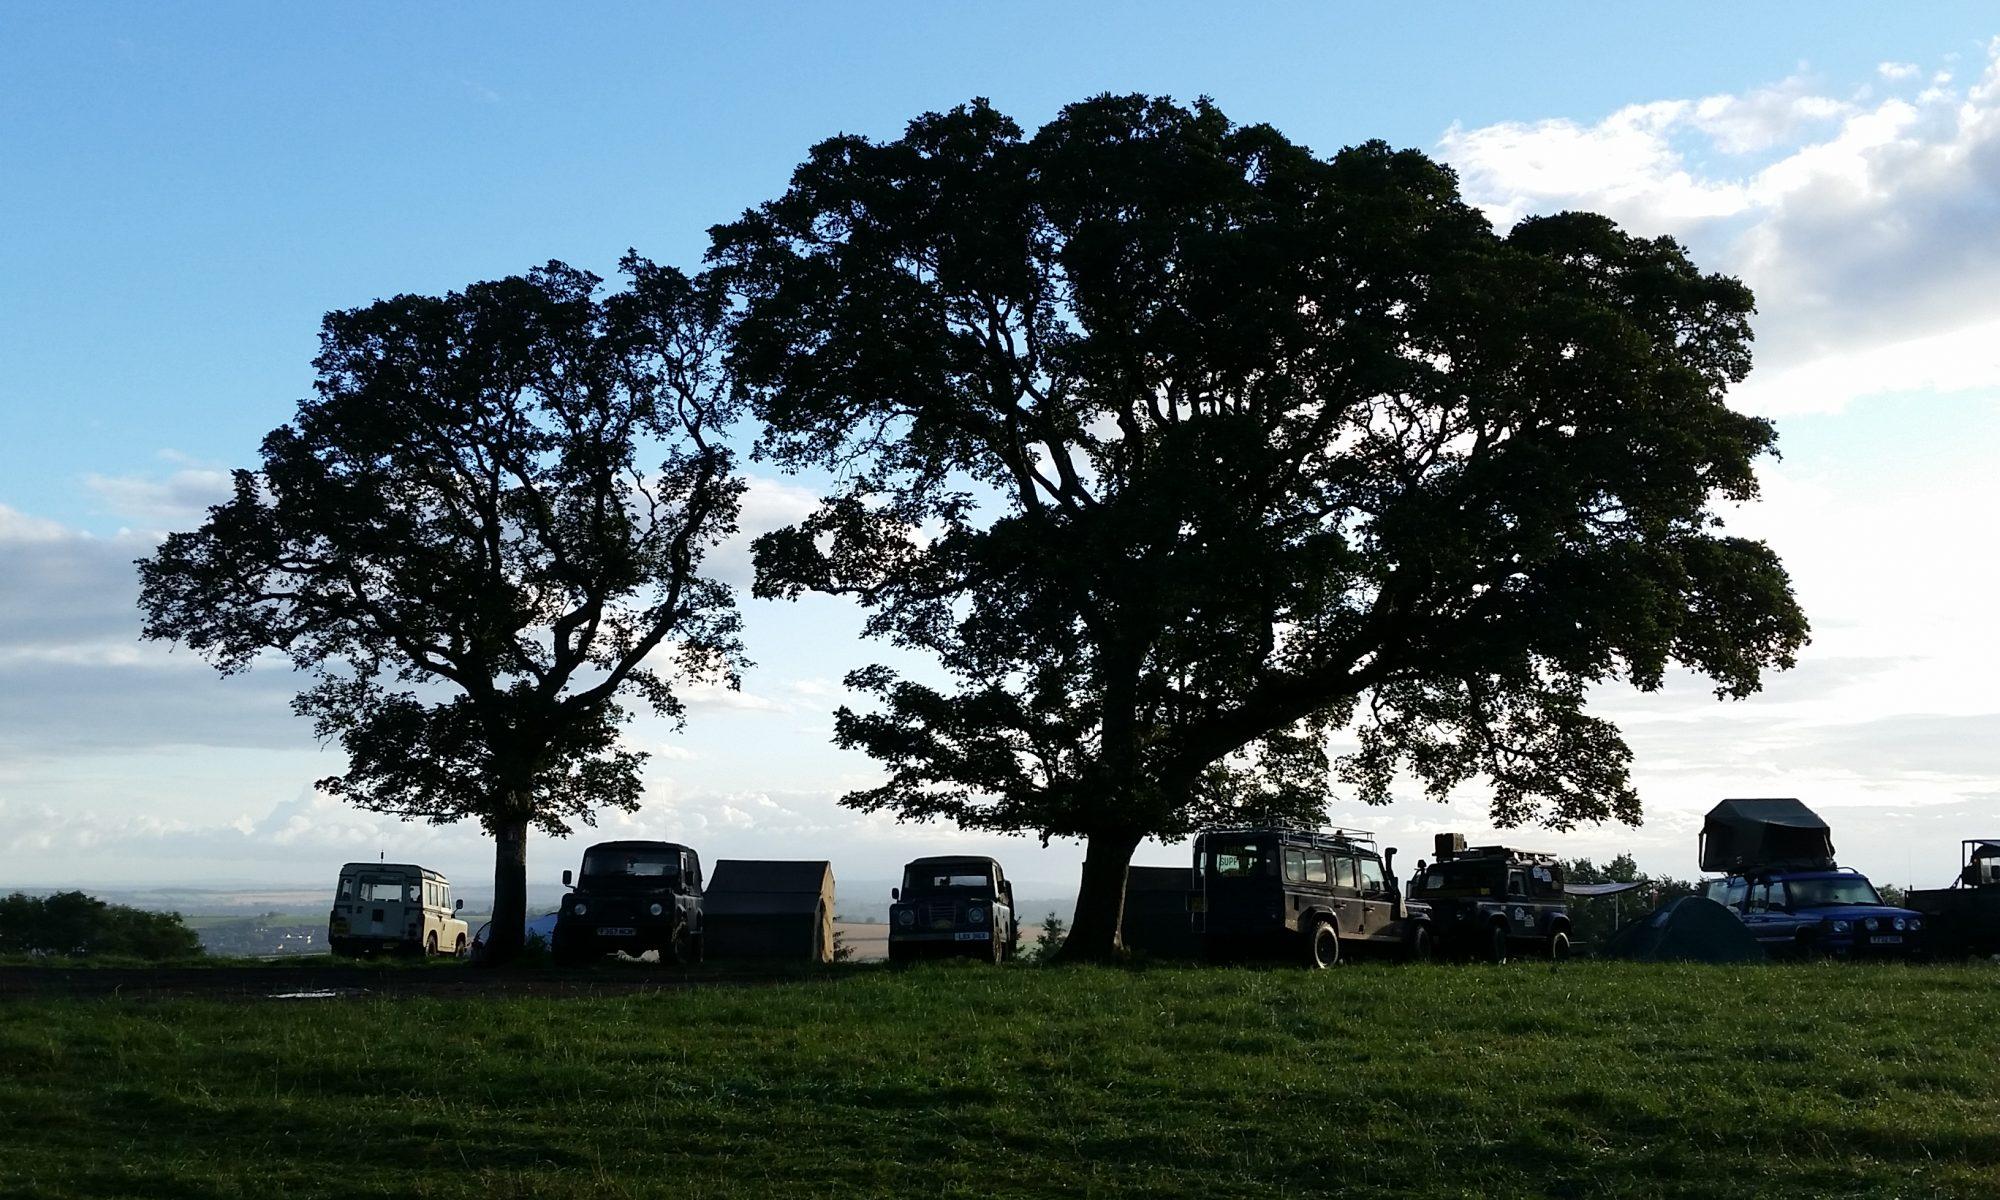 Green Oval Convoy Club